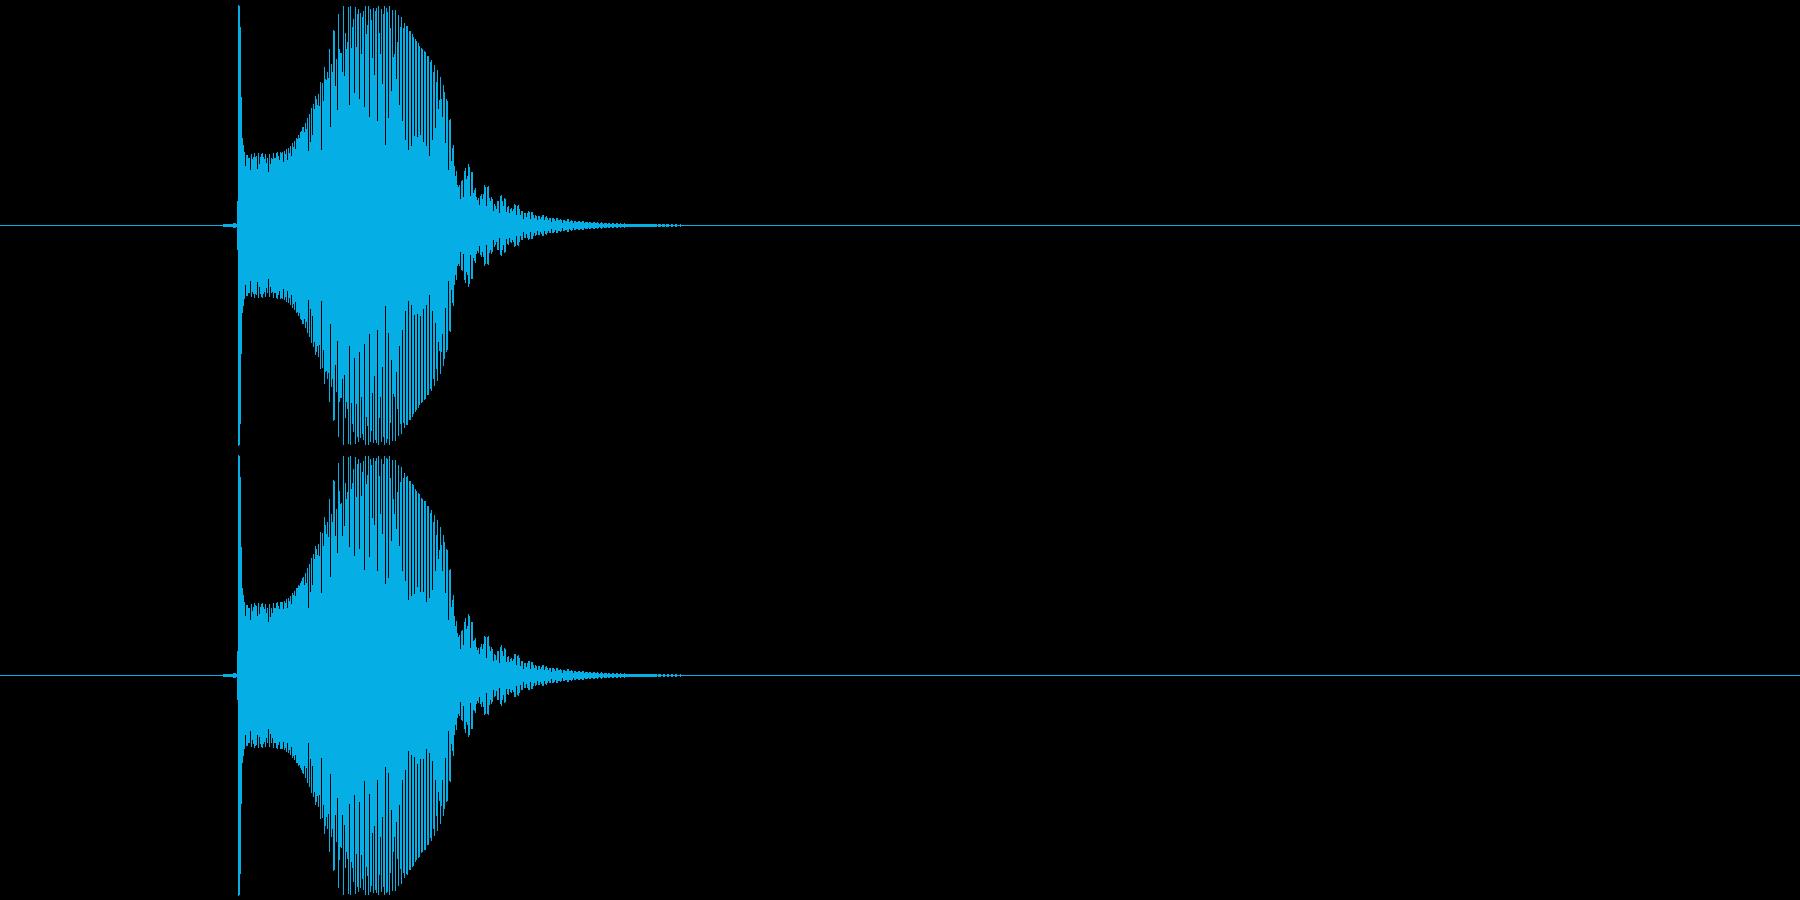 テュンッ  という感じの音。の再生済みの波形